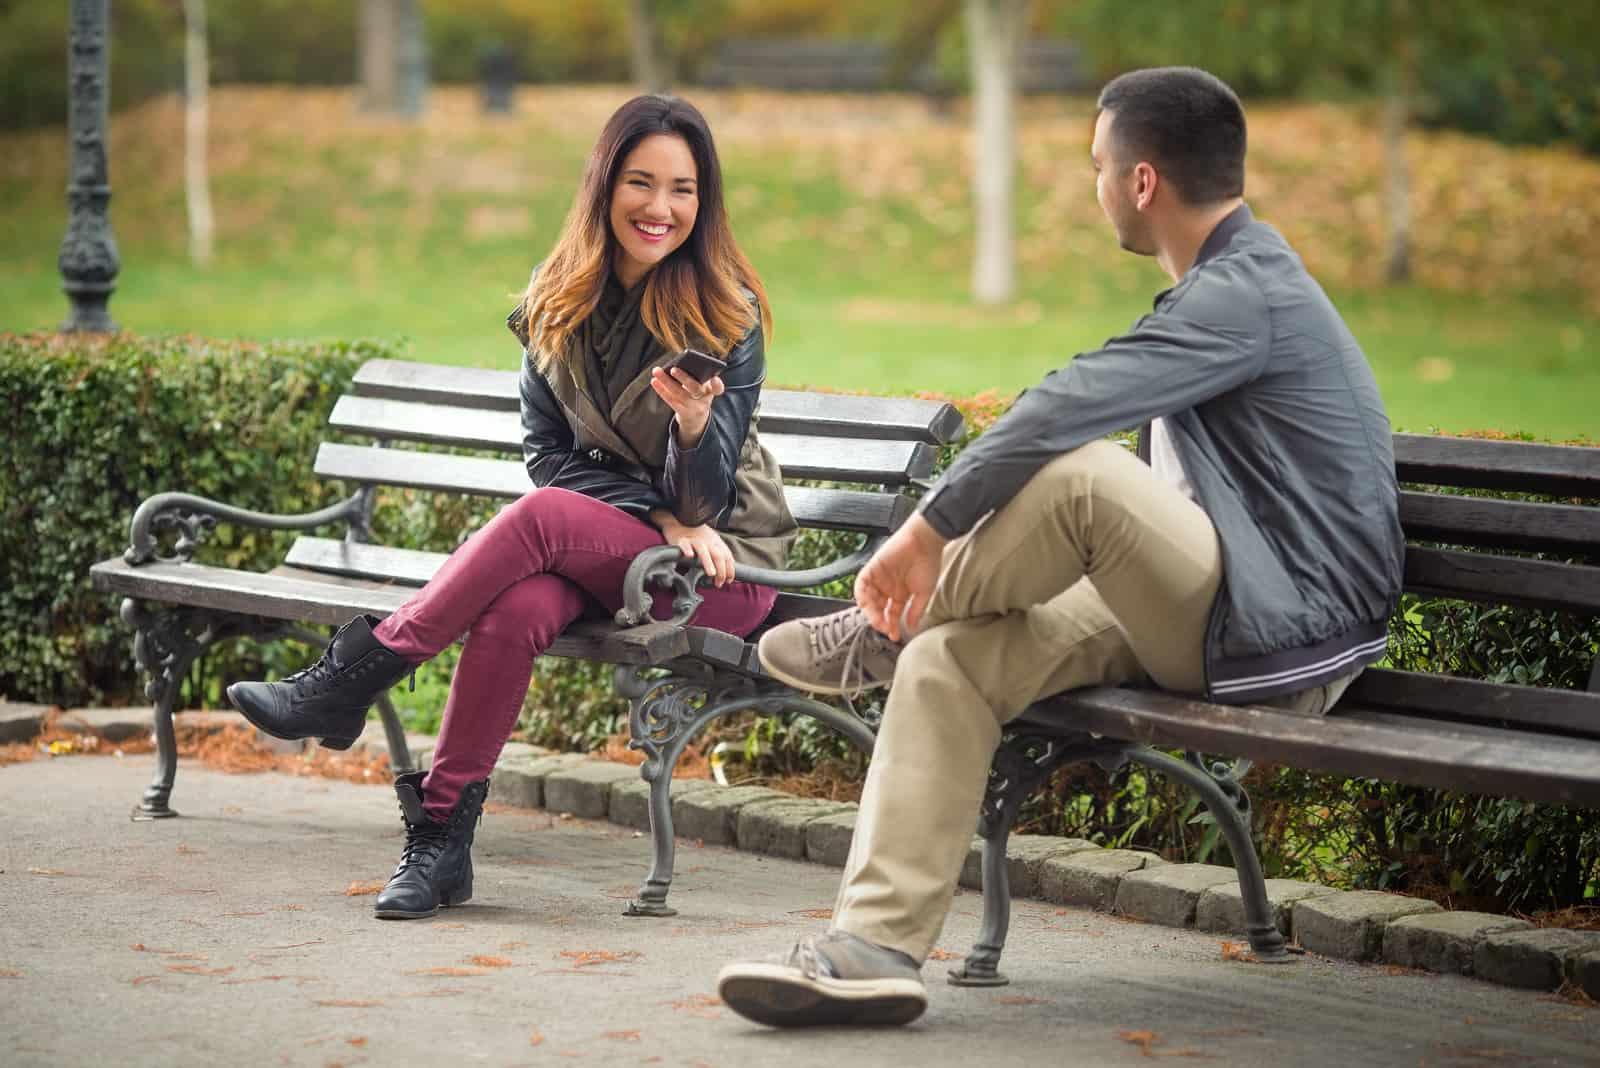 un homme et une femme s'assoient sur un banc de parc et parlent